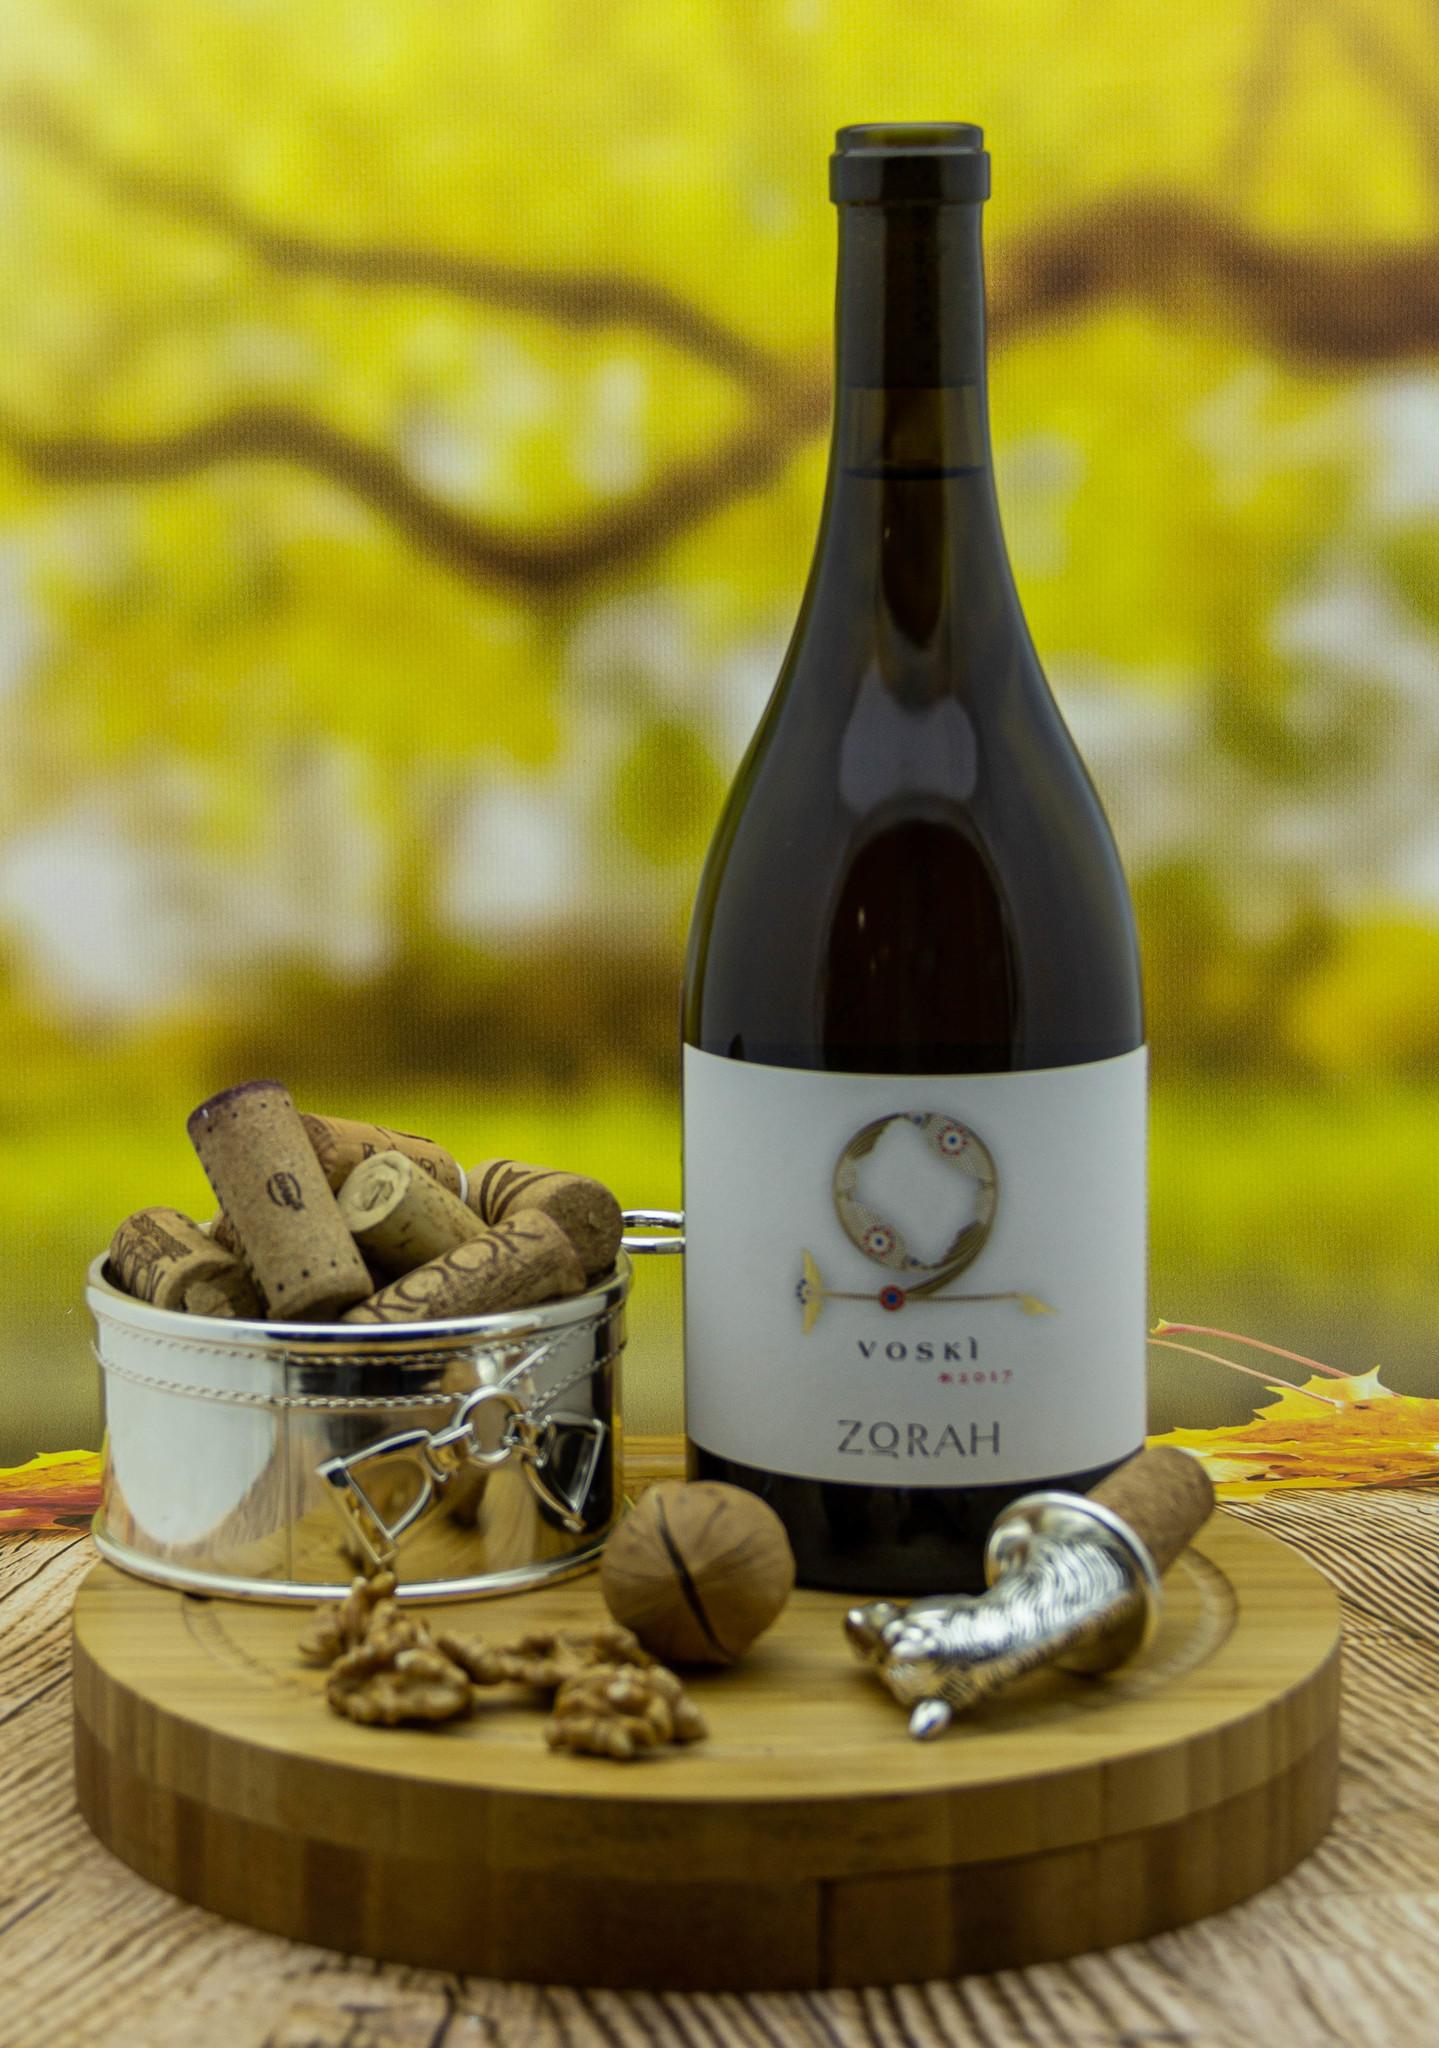 Вино Zorah Воски Белое Сухое 2017 г.у. 14% 0,75 л